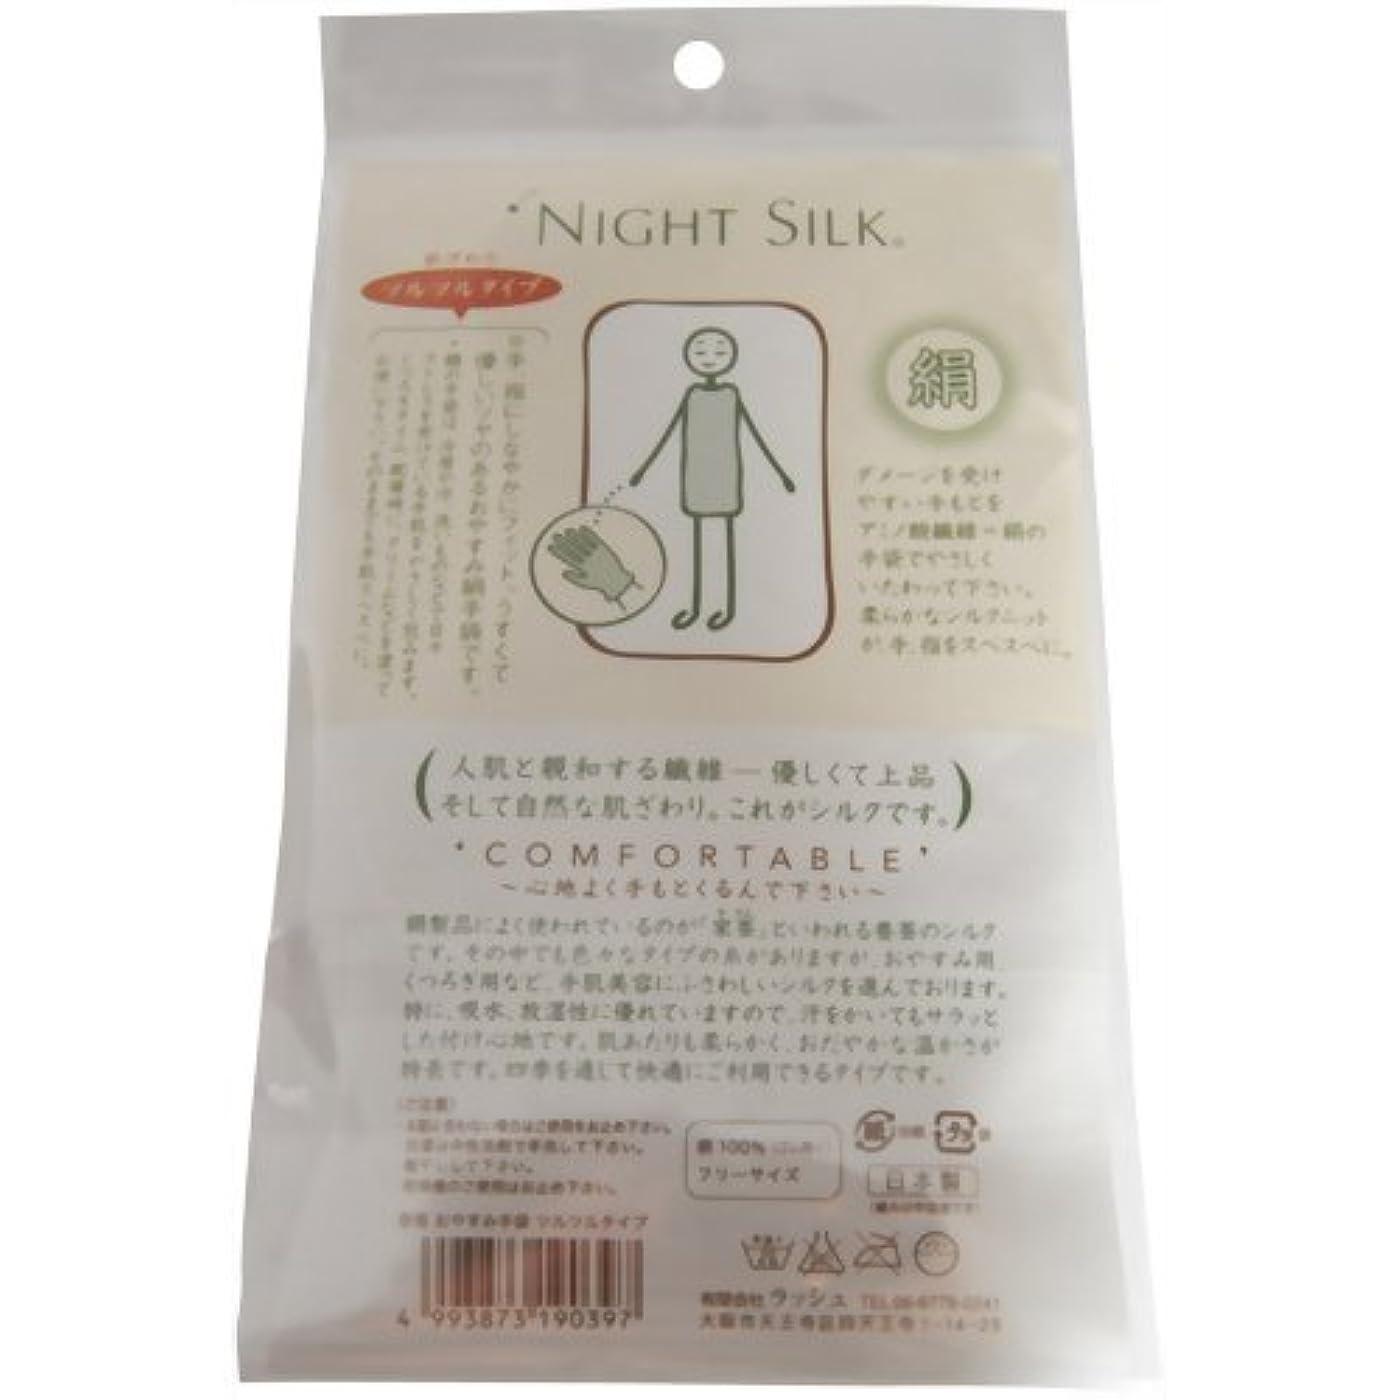 亜熱帯お勧めリーチおやすみシルク 夏向け 絹おやすみ手袋 ツルツルタイプ